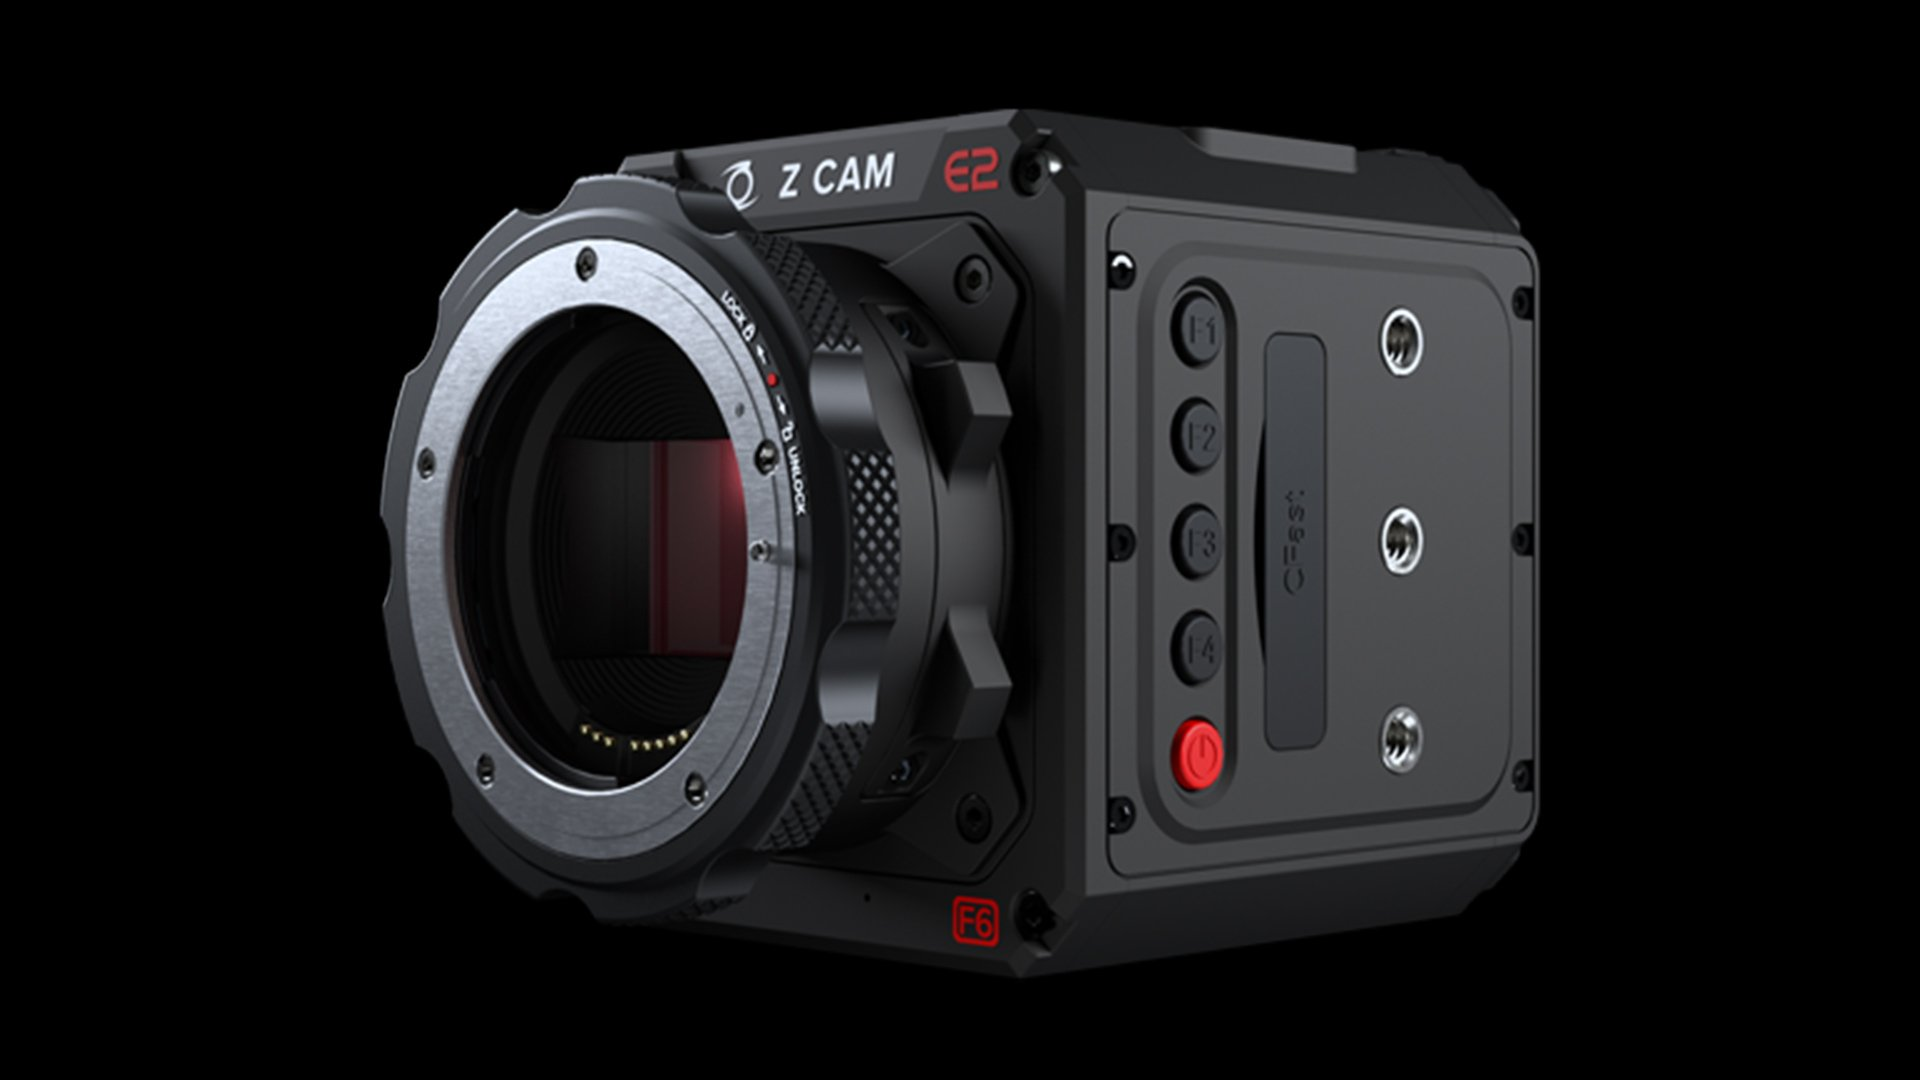 The Z Cam E2-F6 camera. Image: Z Cam.